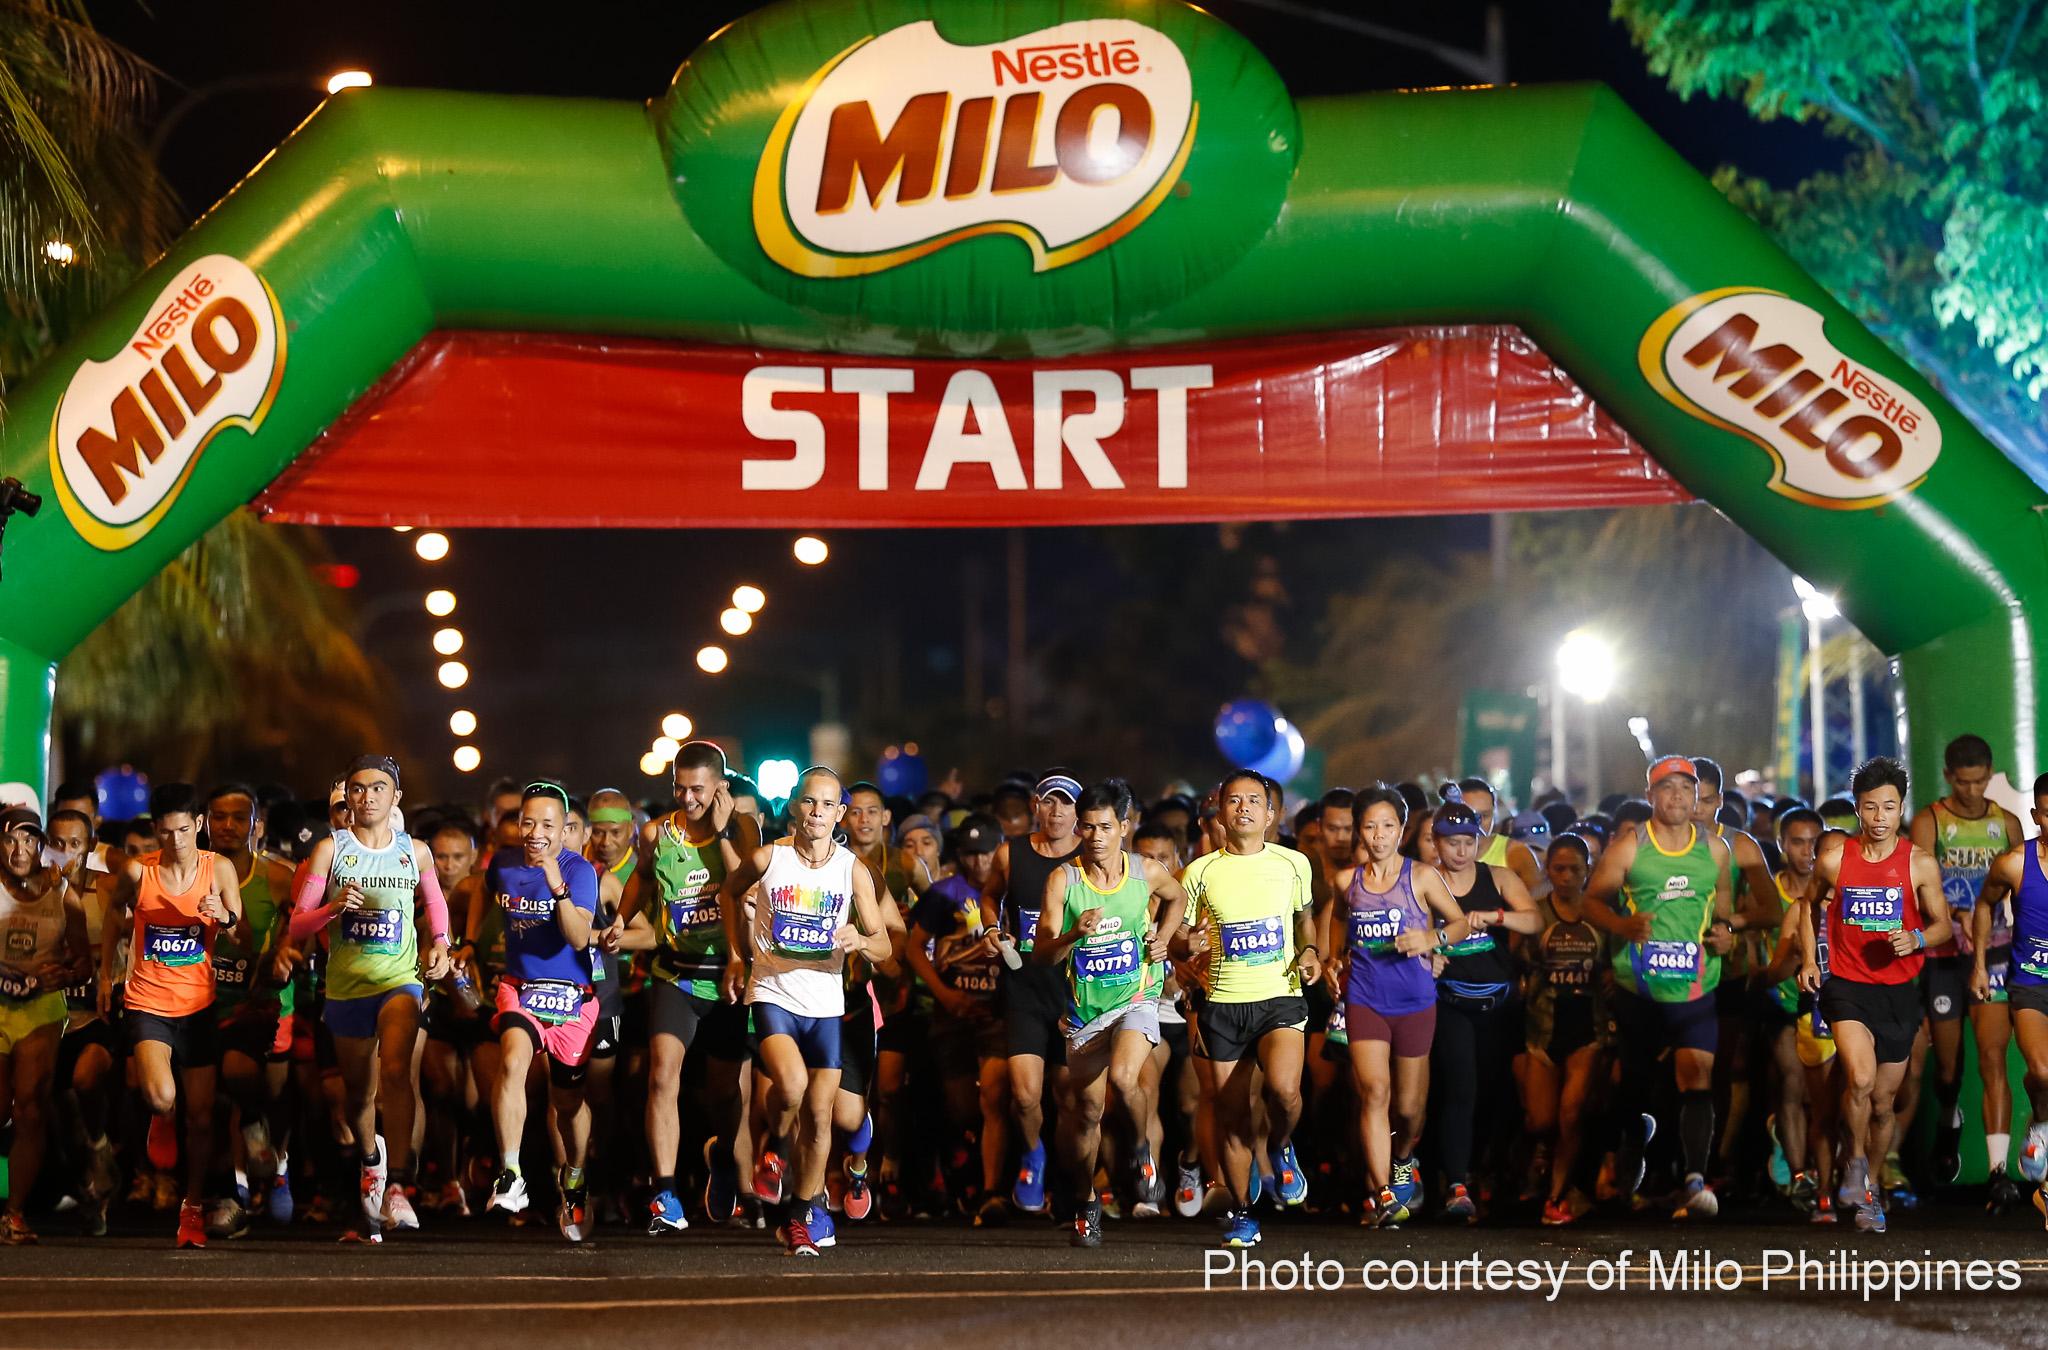 PHOTOS: 2019 National Milo Marathon - Manila Leg